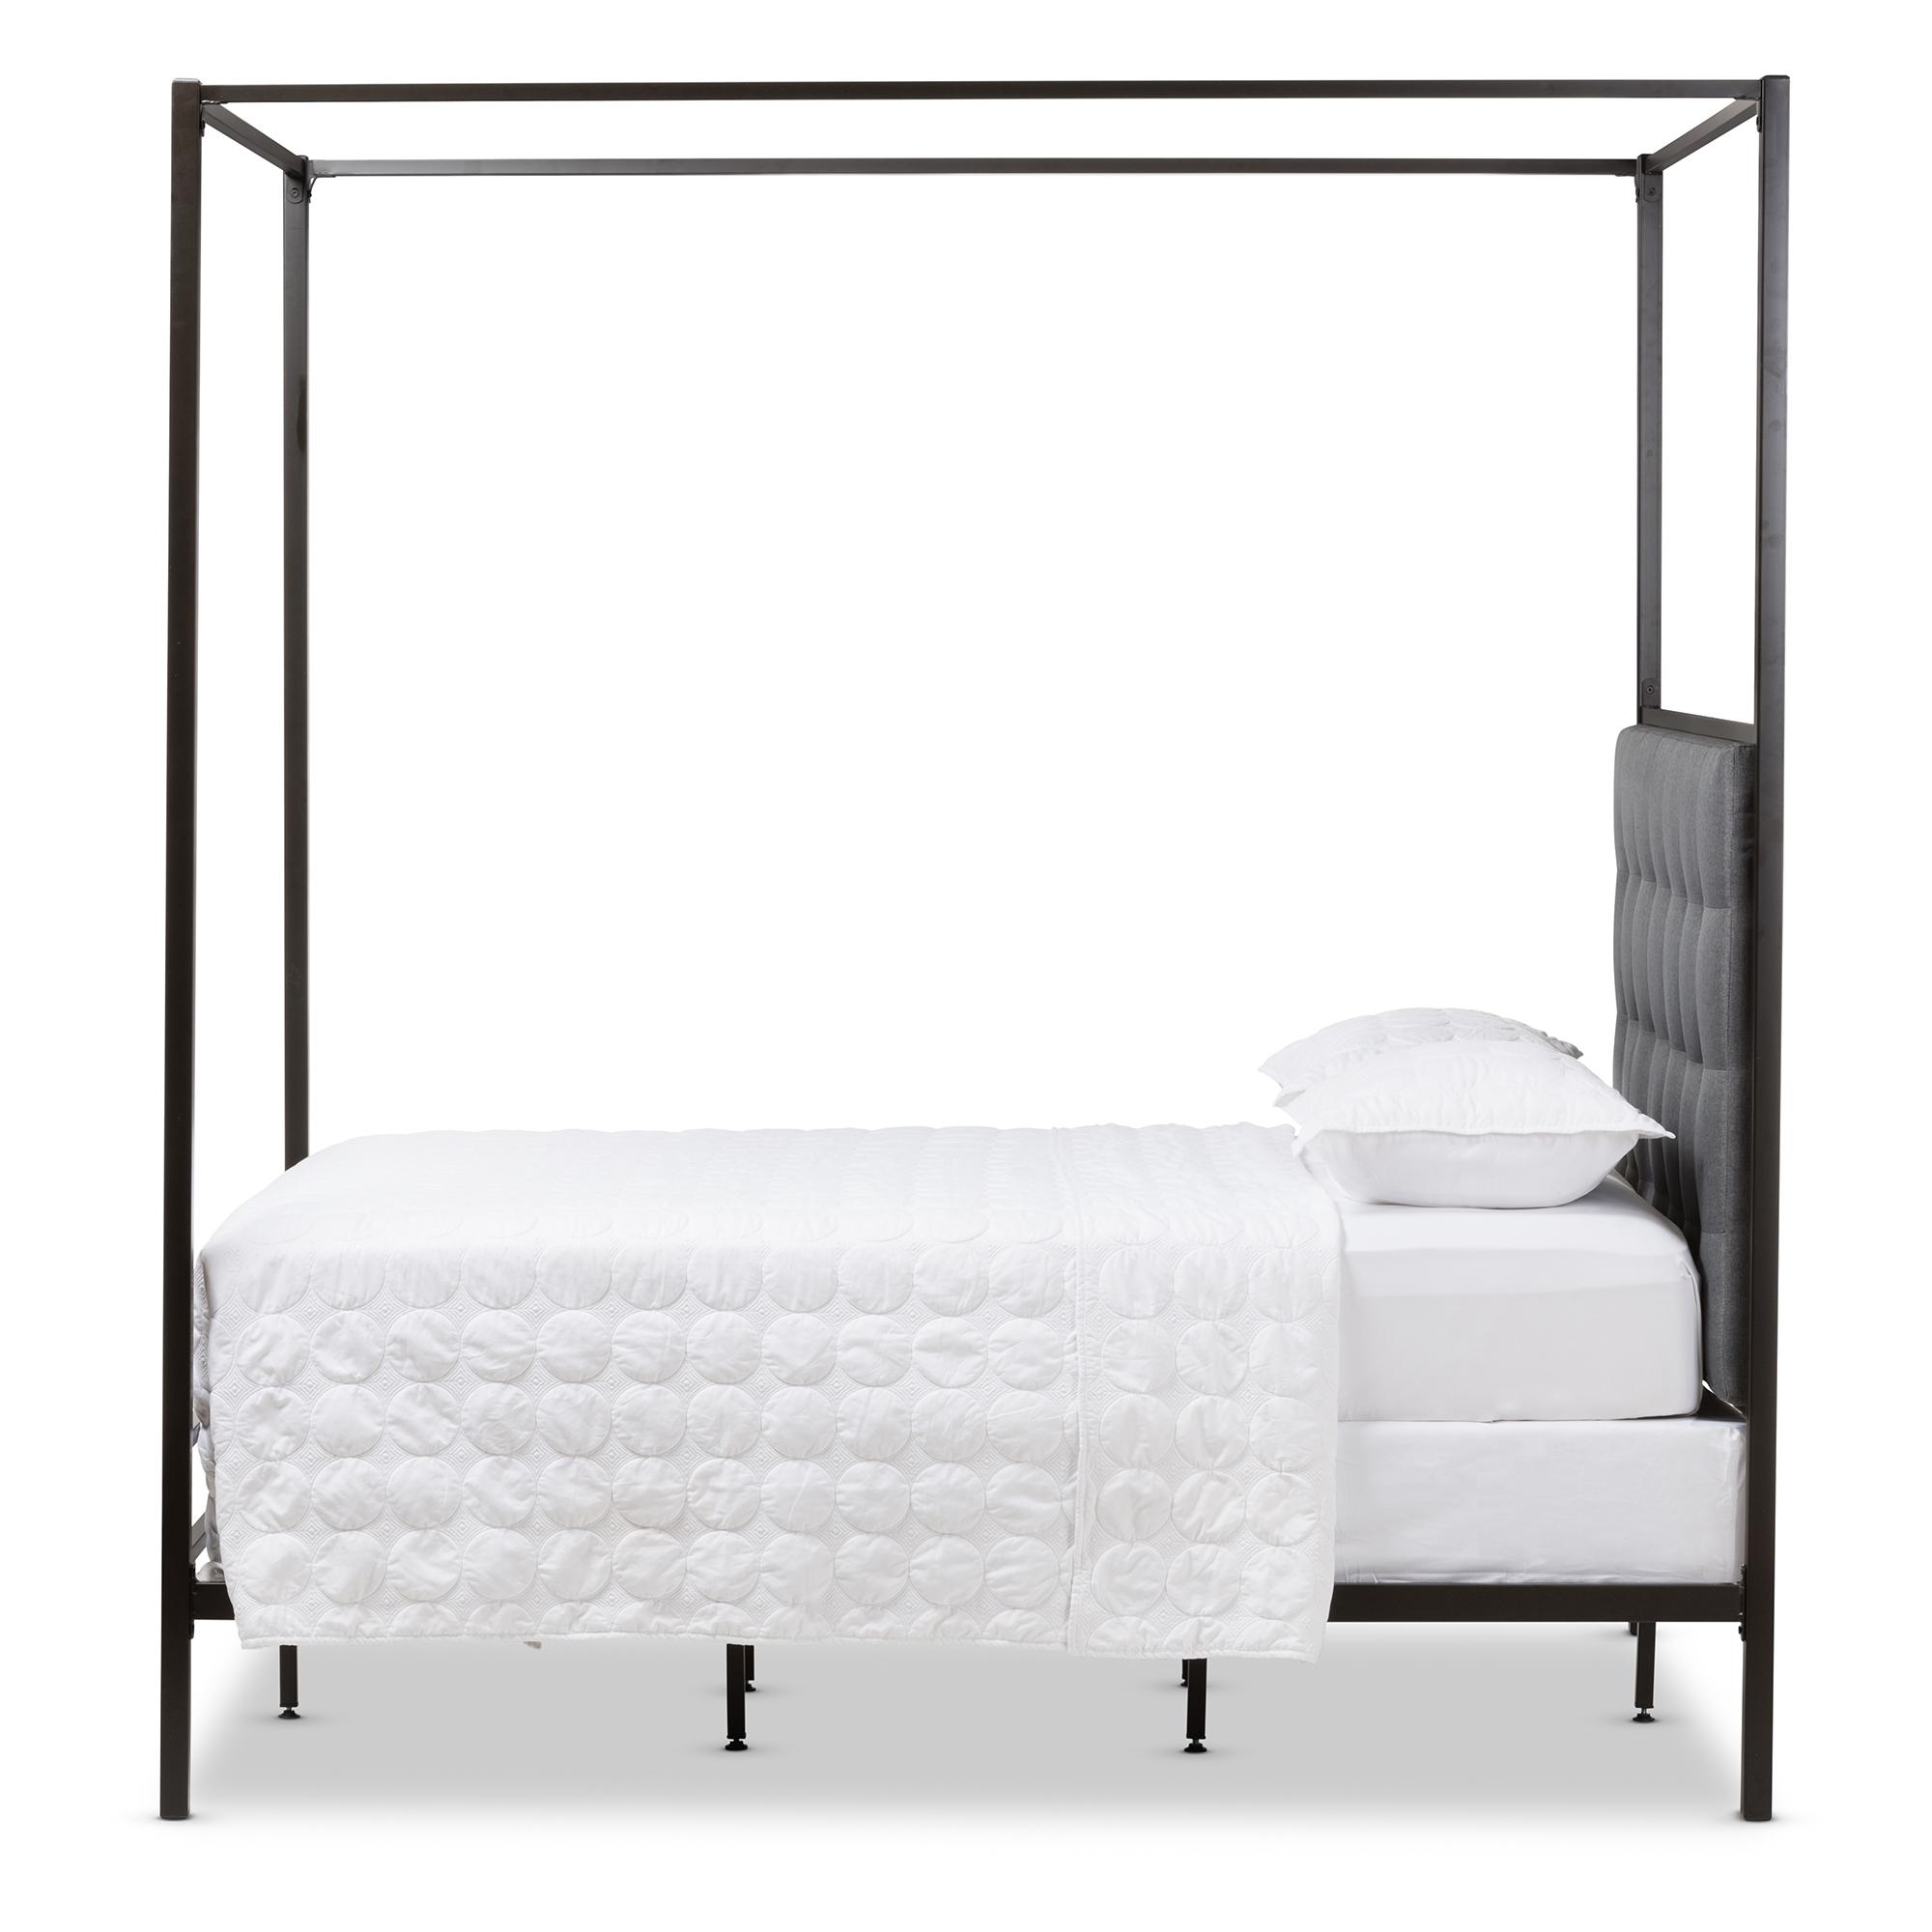 baxton studio eleanor modern and dark bronze metal grey fabric canopy queen bed bsots - Black Queen Bed